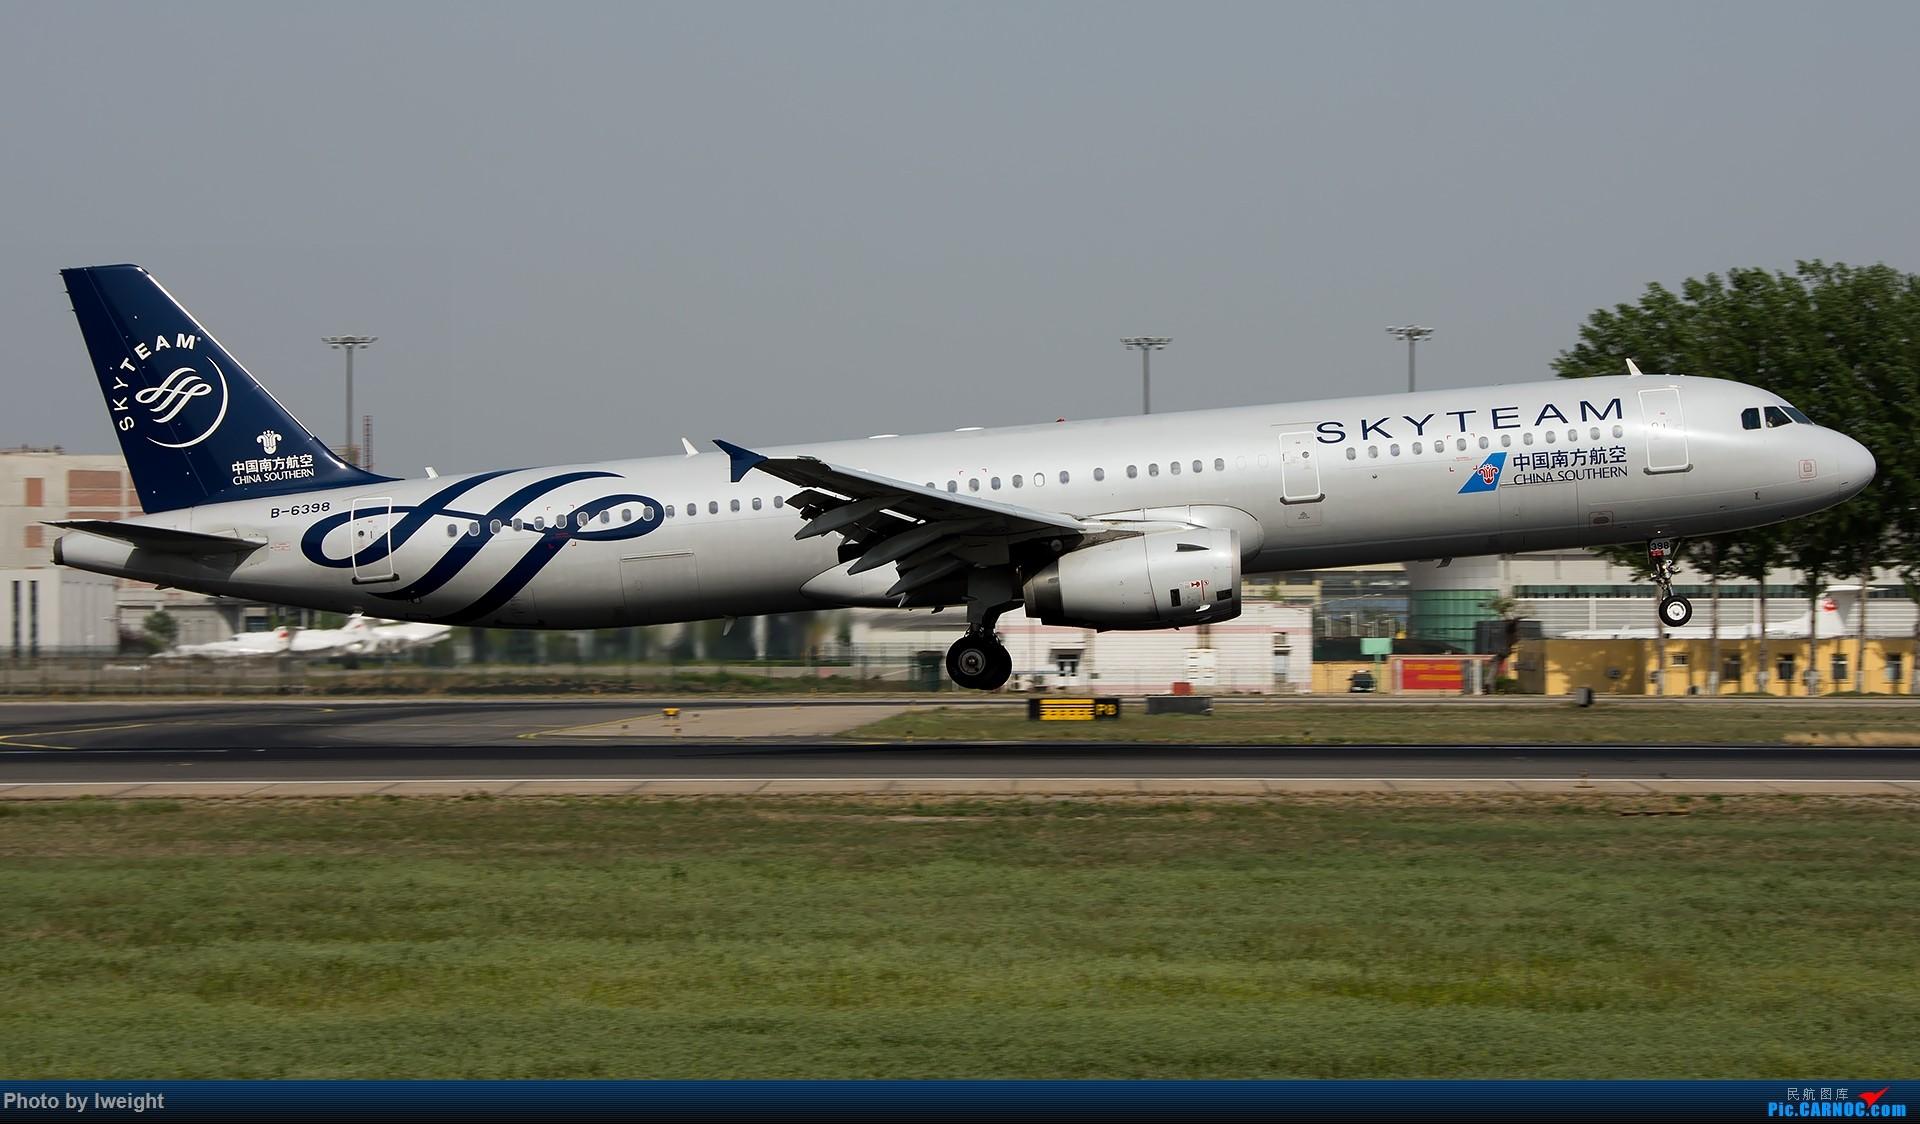 Re:[原创]天气晴朗,继续守候18R【多图】 AIRBUS A321-200 B-6398 中国北京首都国际机场